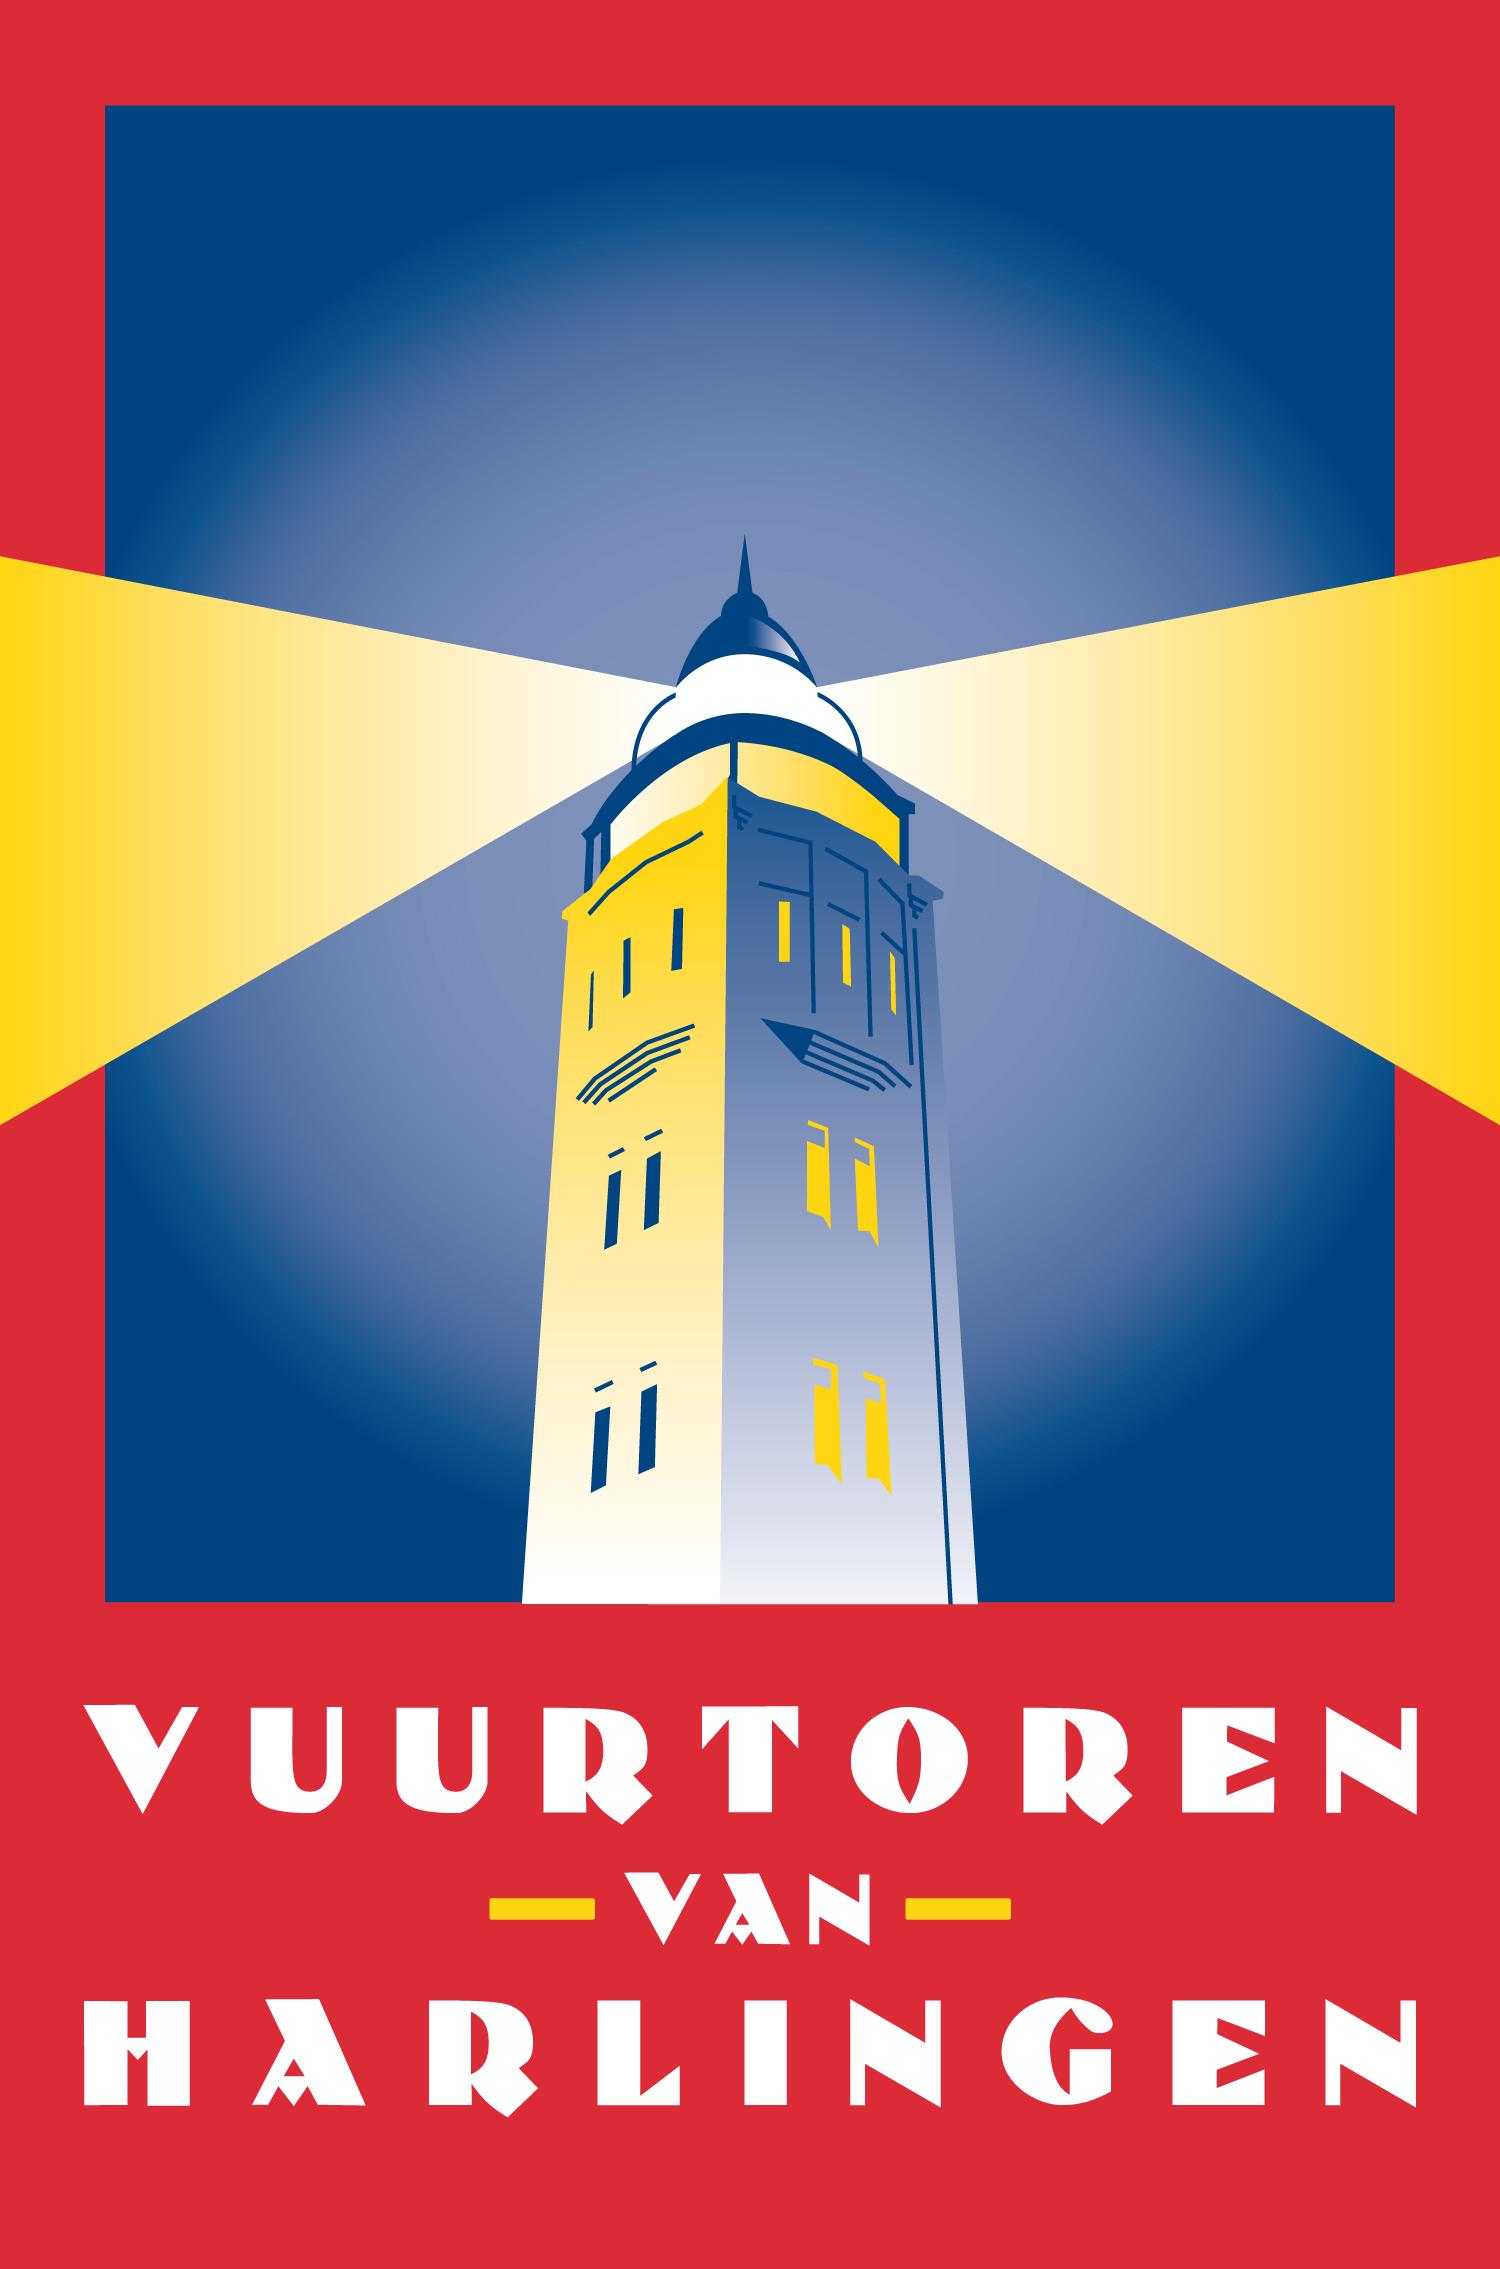 Logo Vuurtoren van Harlingen